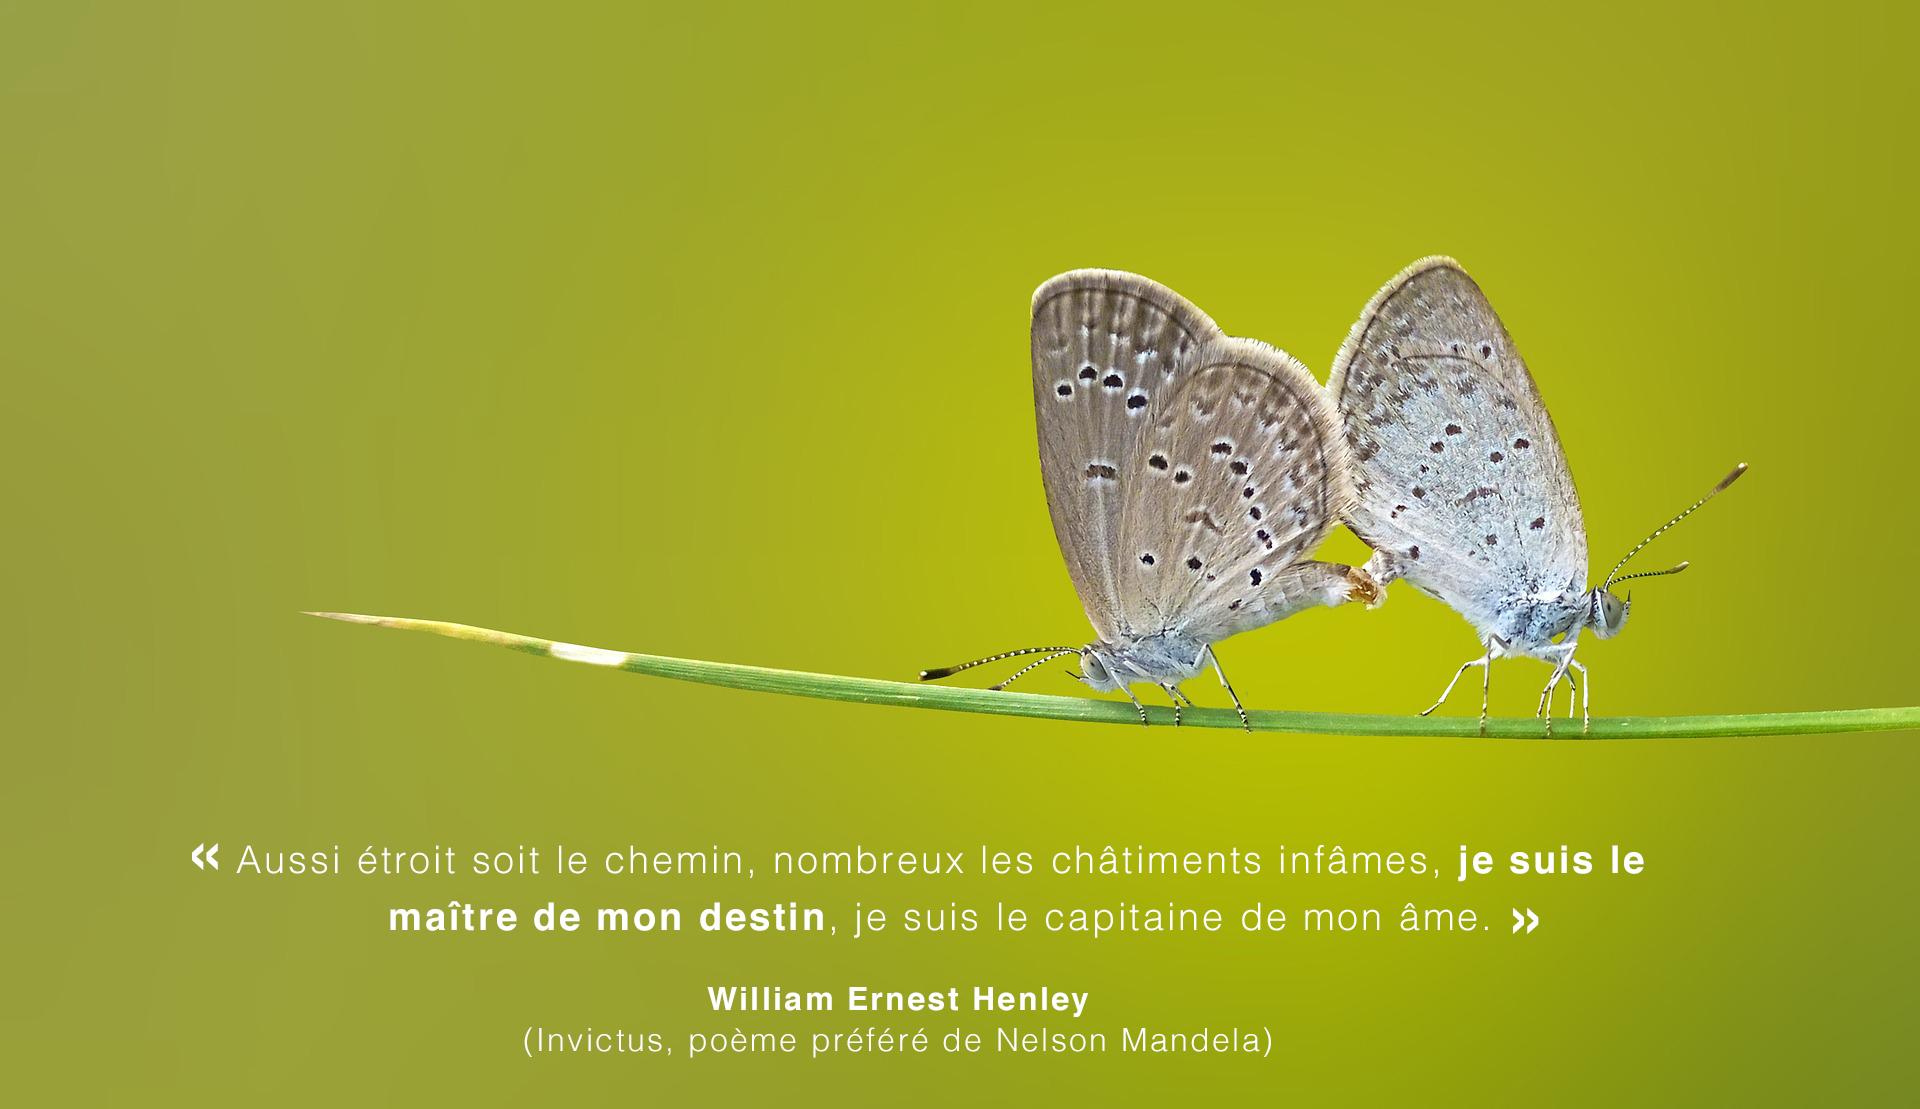 citation_invictus